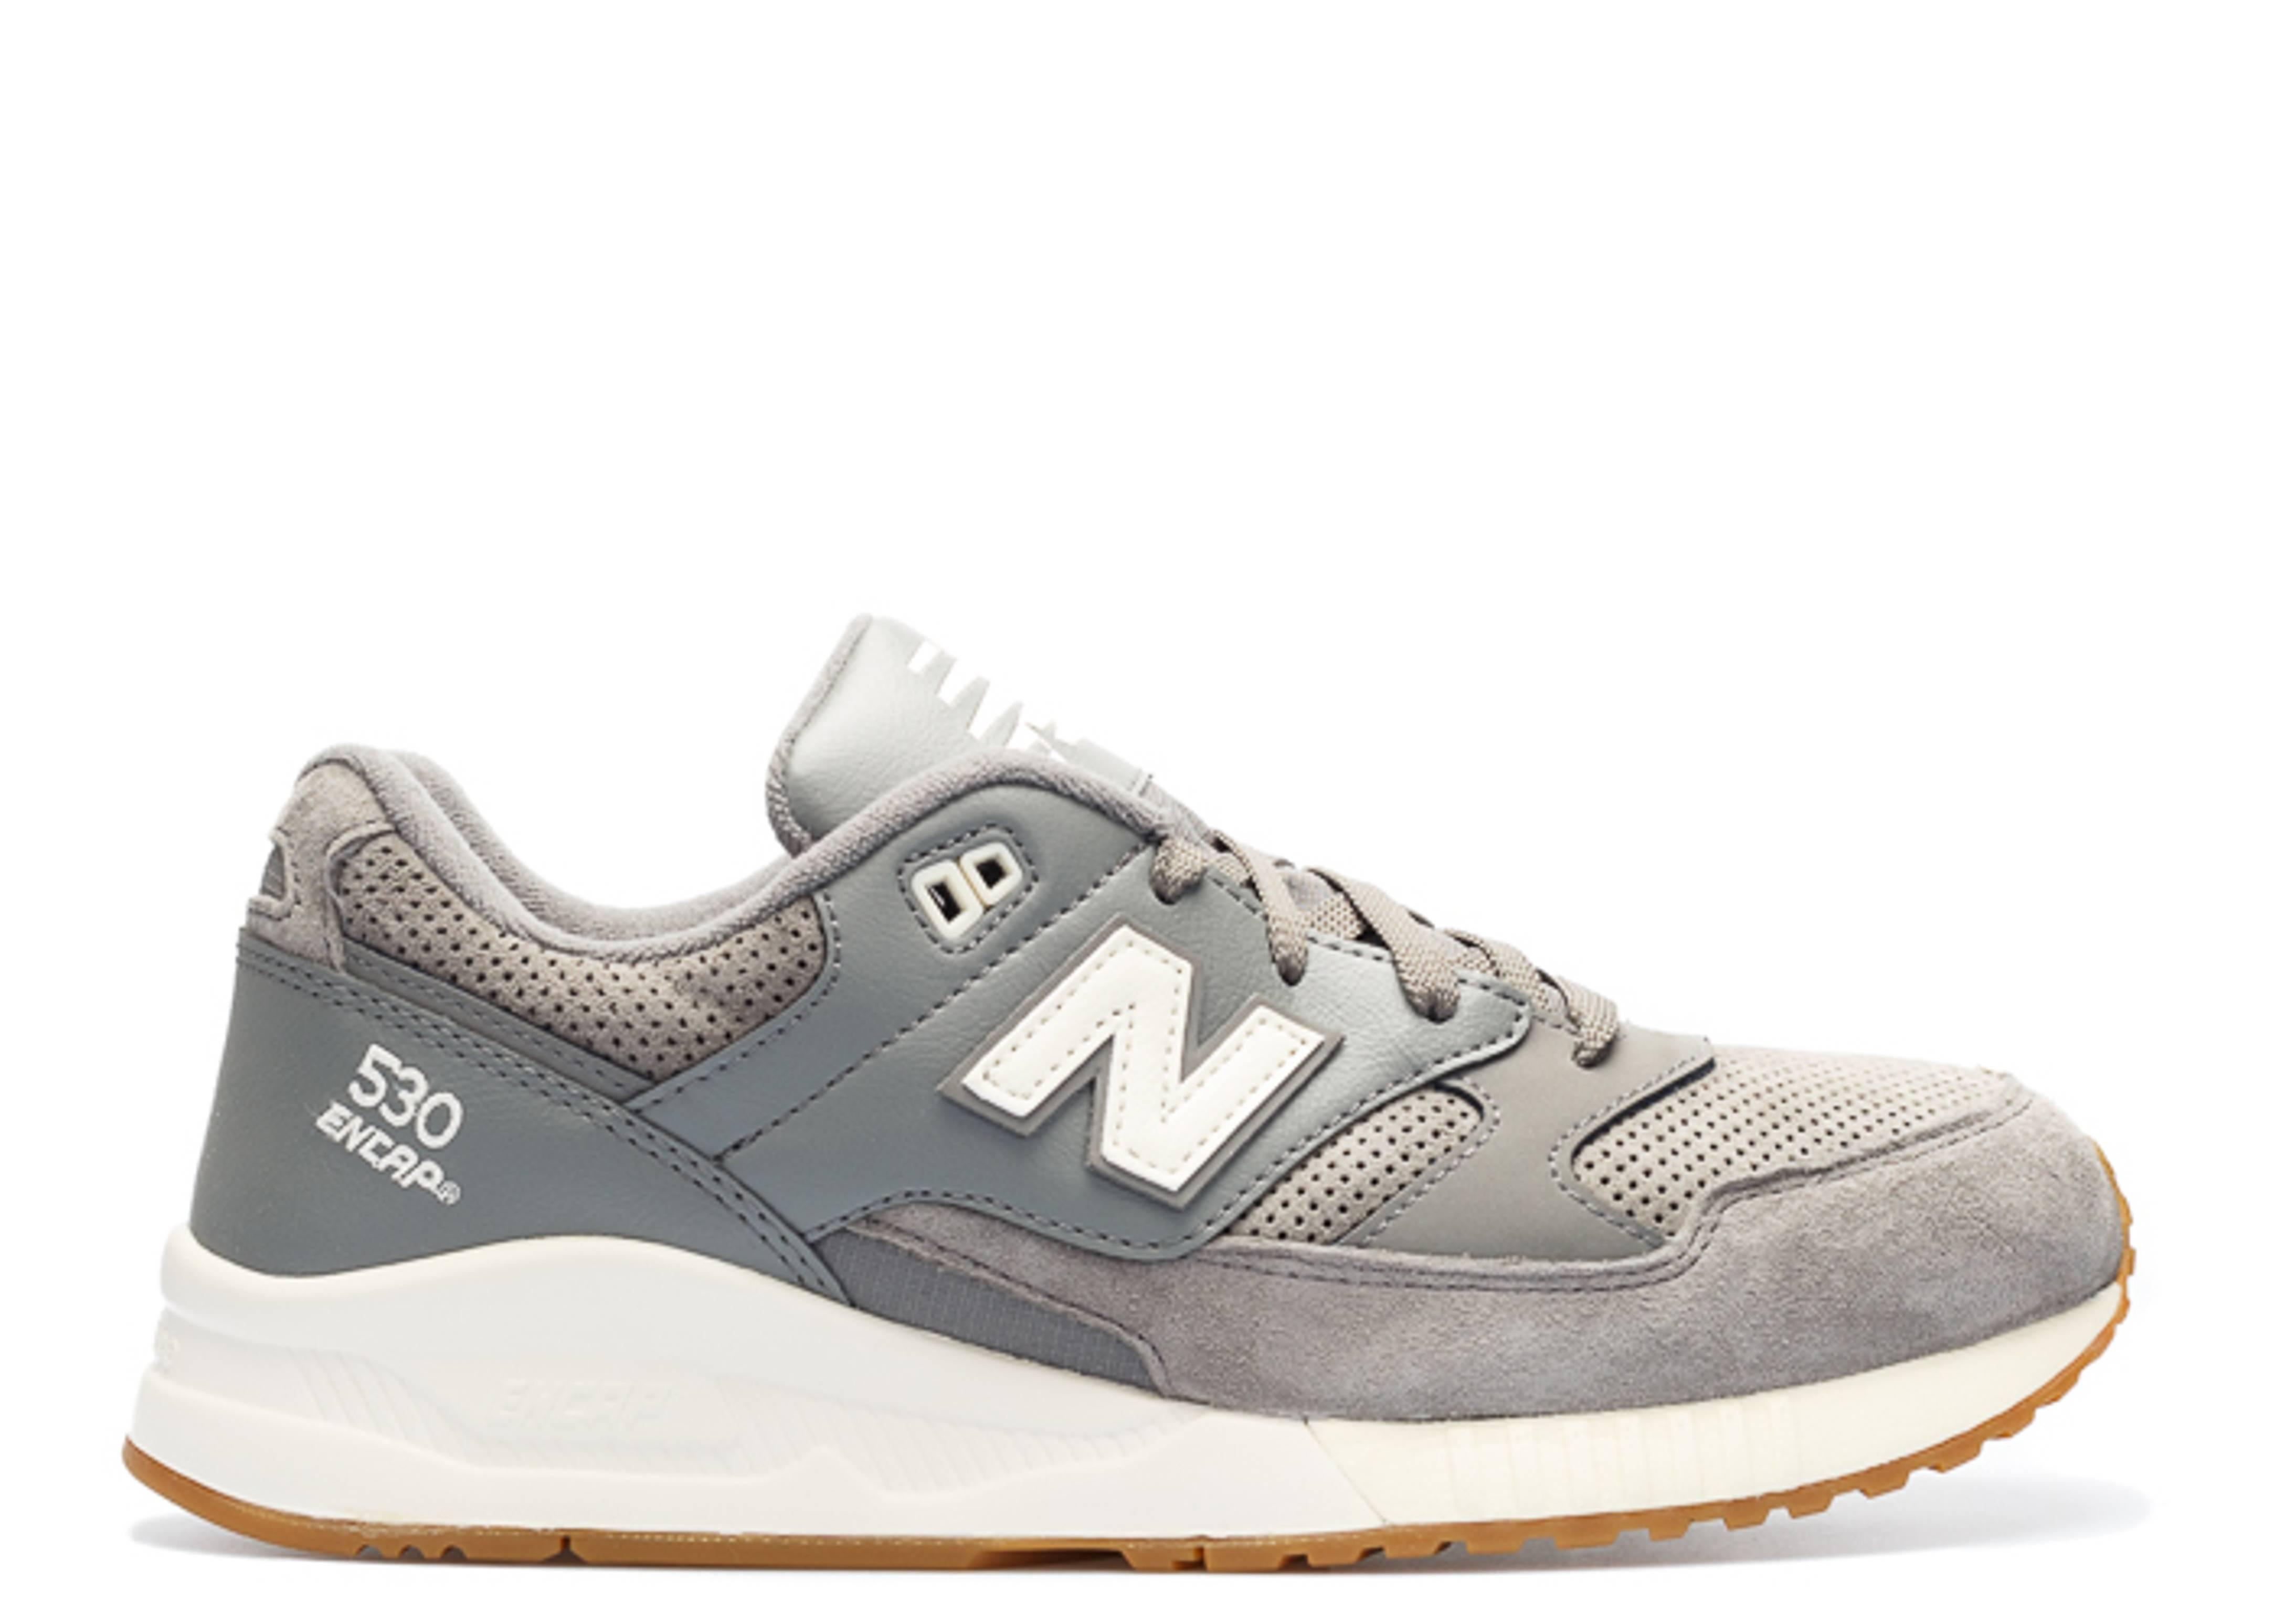 new balance 530 beige gum